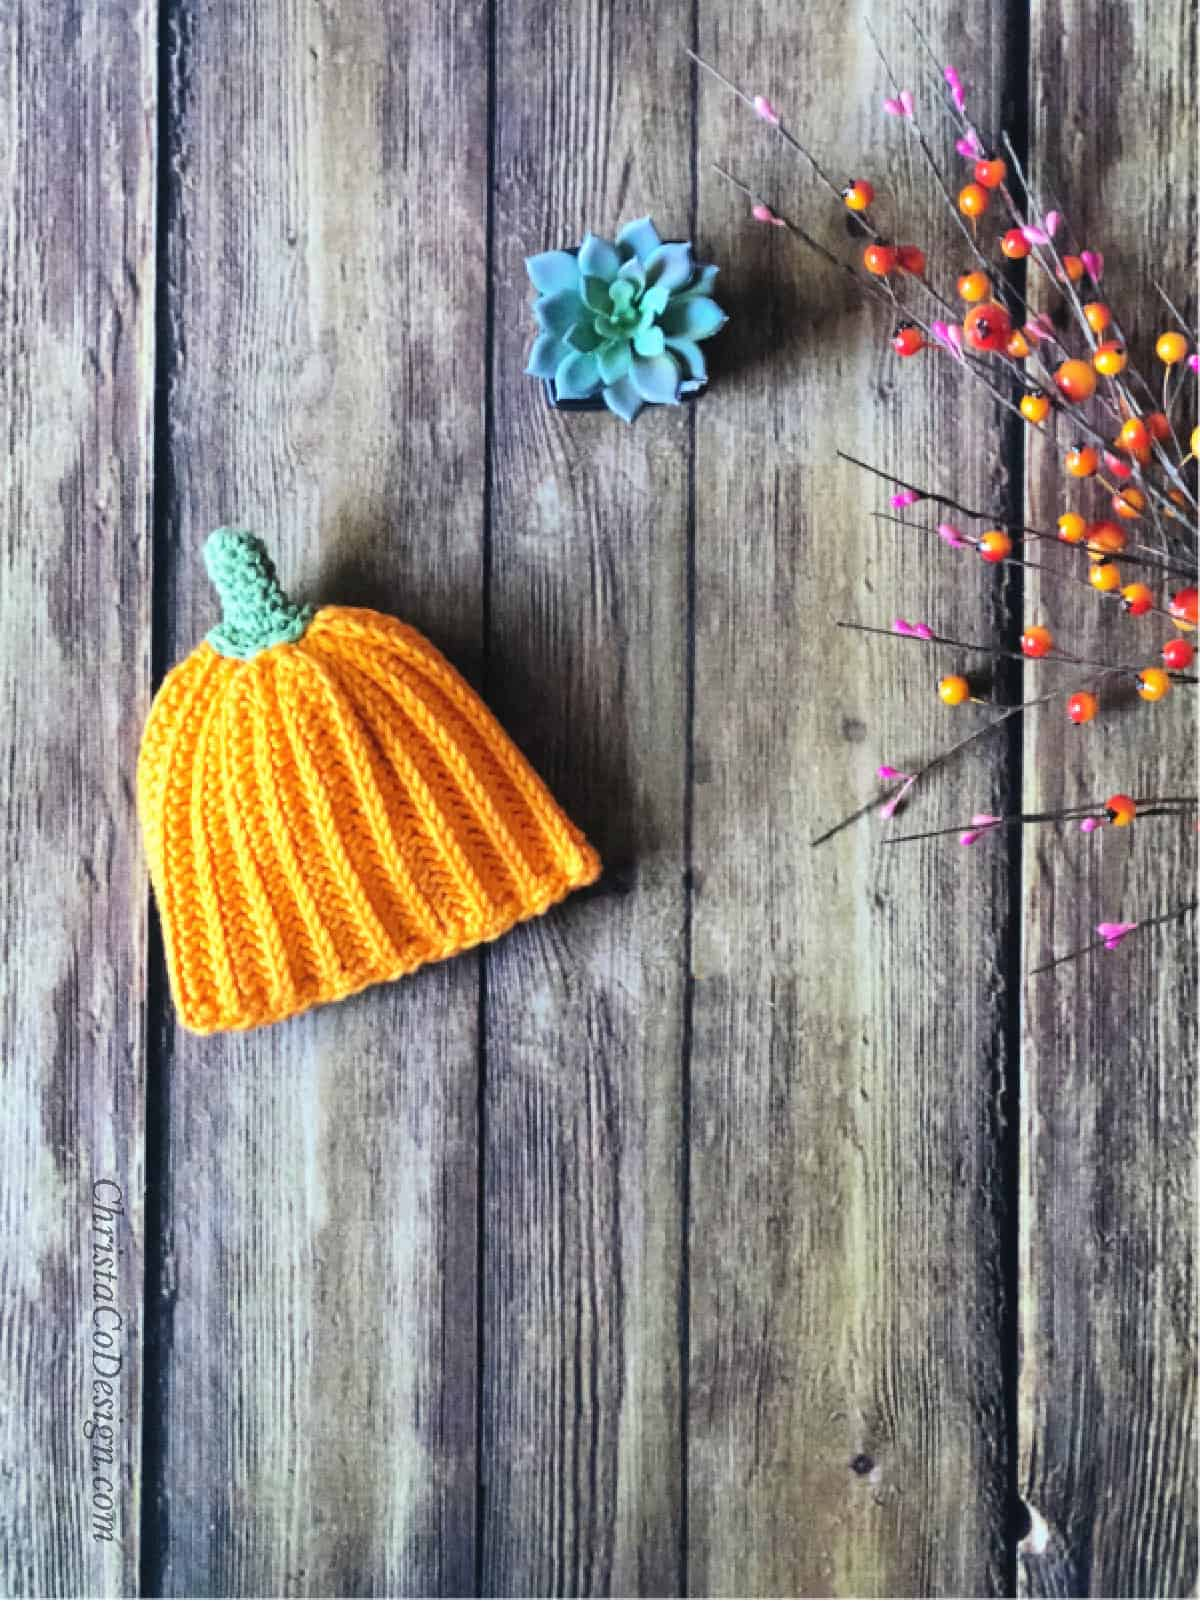 Crochet pumpkin hat for baby in orange on wood backdrop.